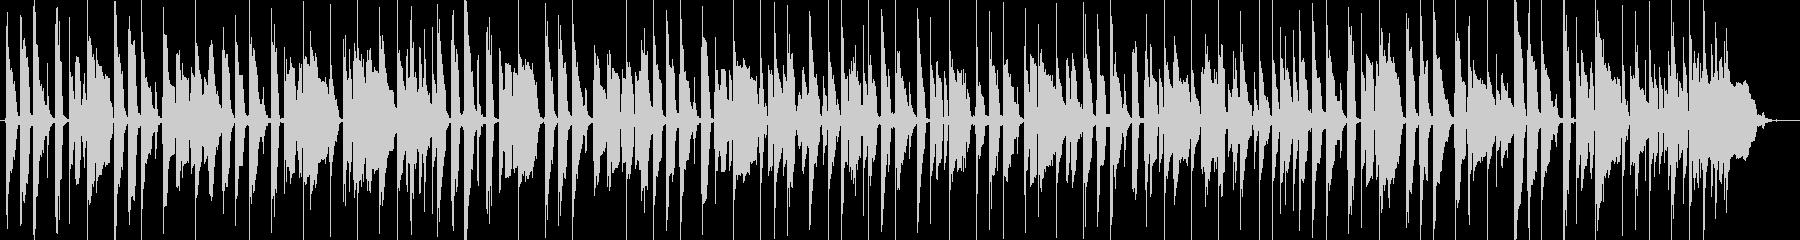 気持ちいいノリの低音16ビートの未再生の波形